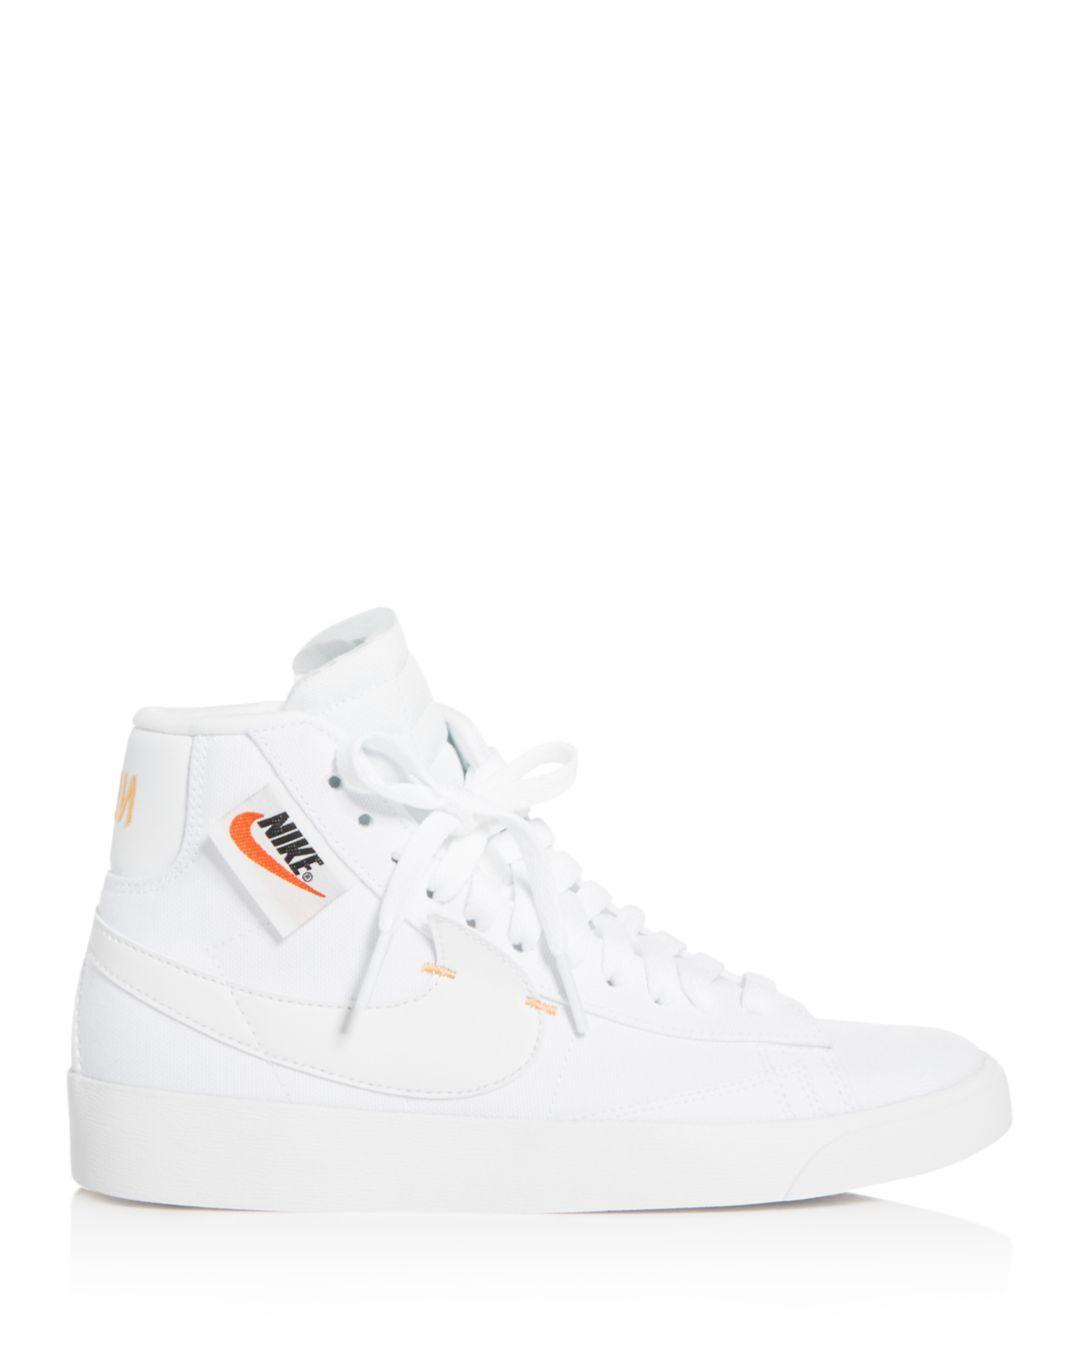 nike mid top sneakers